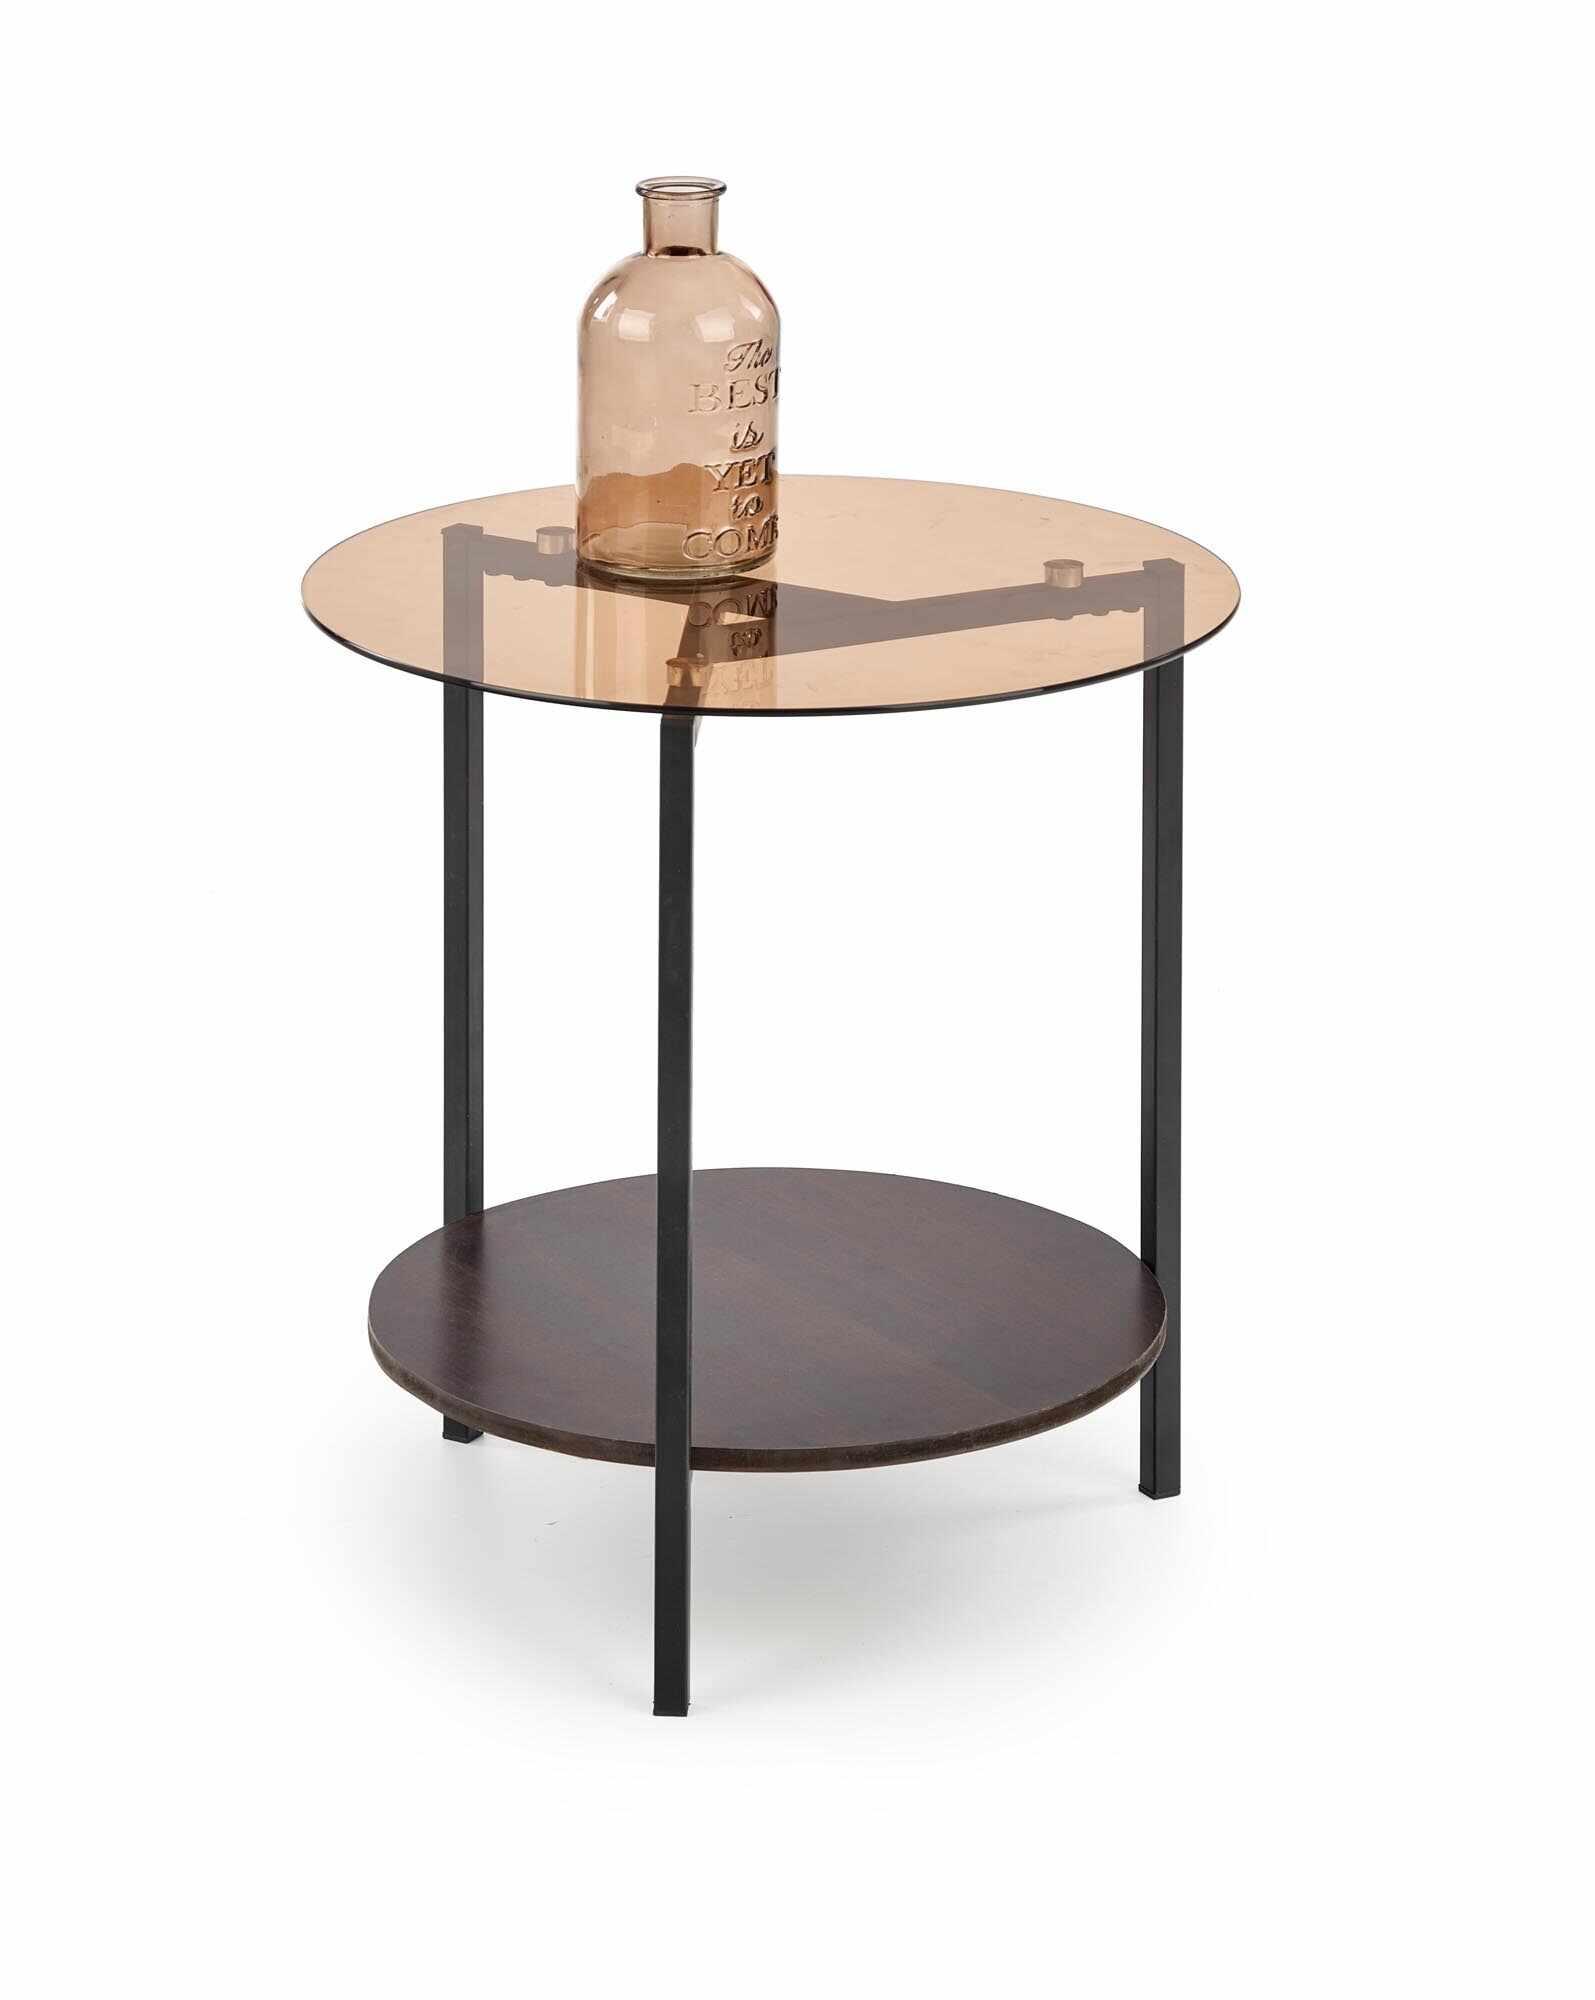 Masa de cafea din sticla, MDF si metal Girona Nuc / Negru, Ø47xH51 cm la pret 161 lei